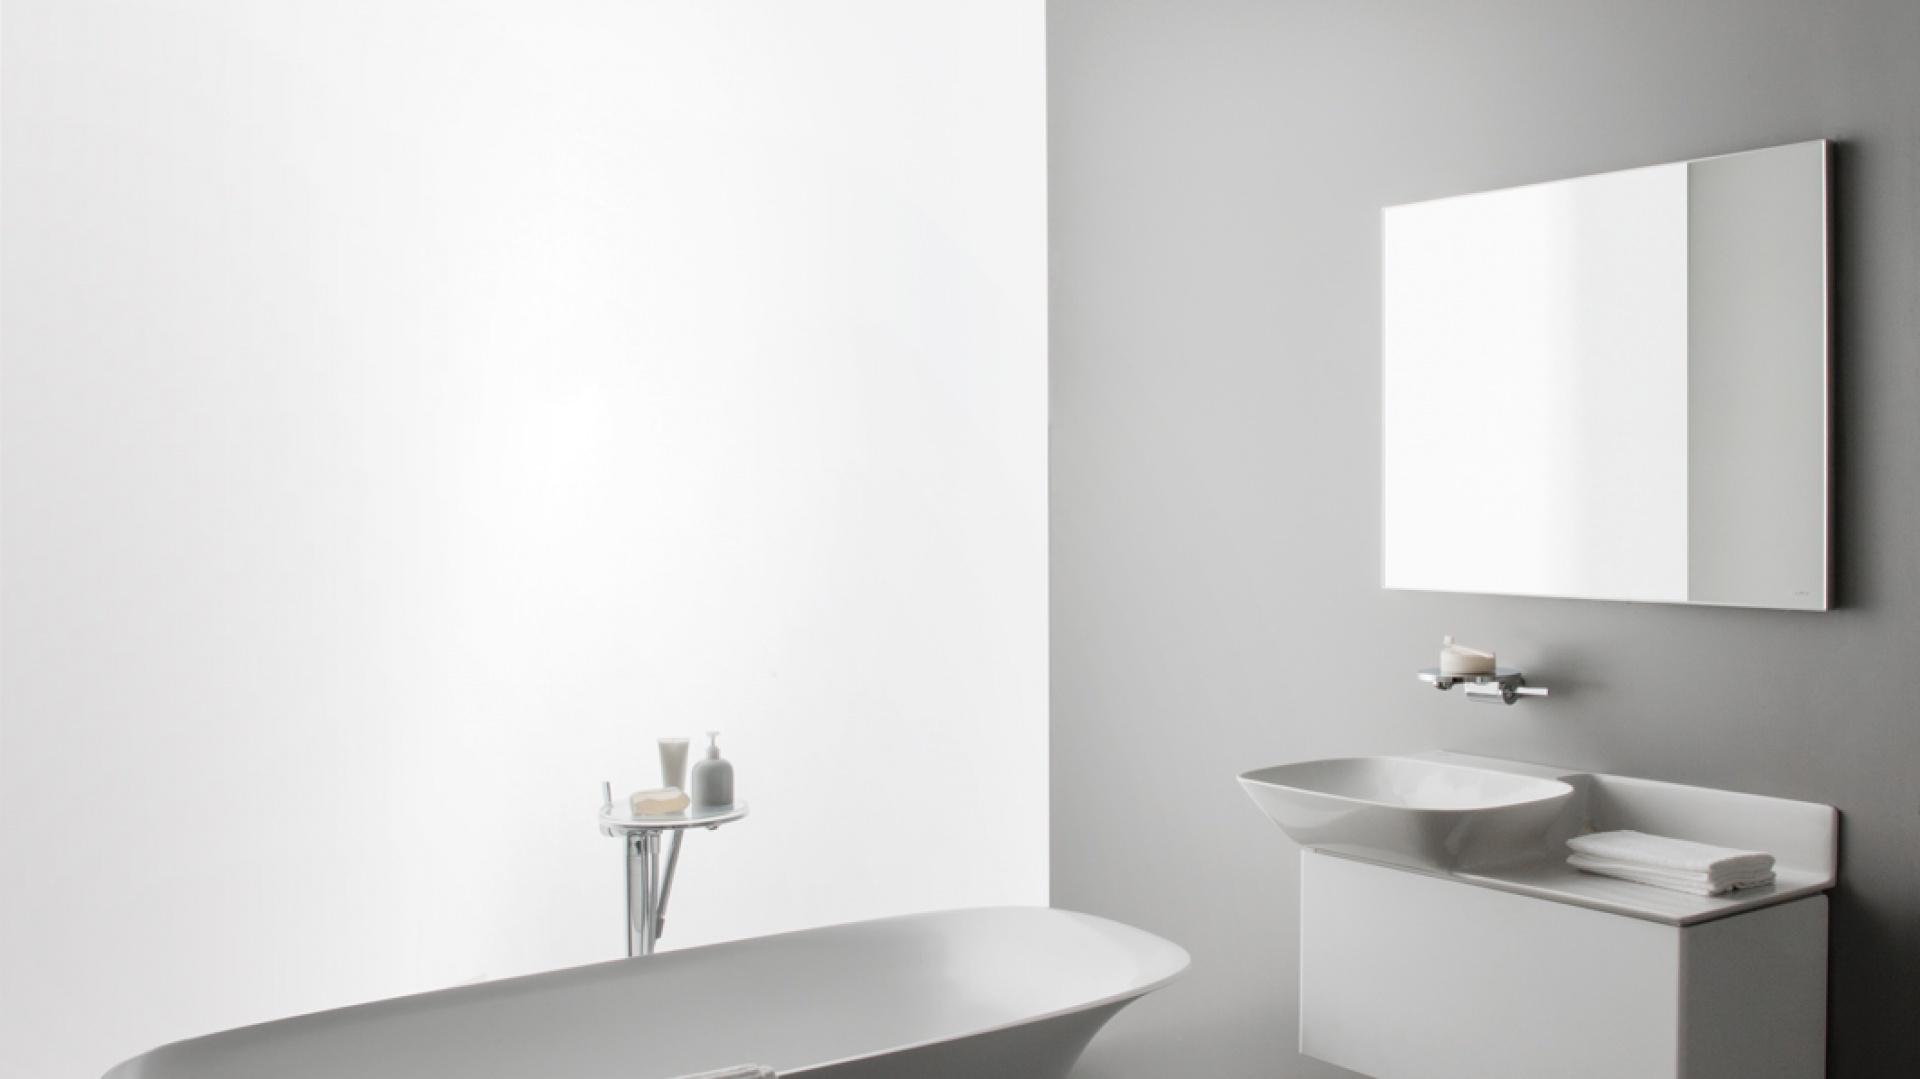 Przy ocenie prac brano pod uwagę przede wszystkim innowacyjność i oryginalność projektów, funkcjonalność zaprojektowanych przestrzeni, a także walory estetyczne. Fot. Laufen